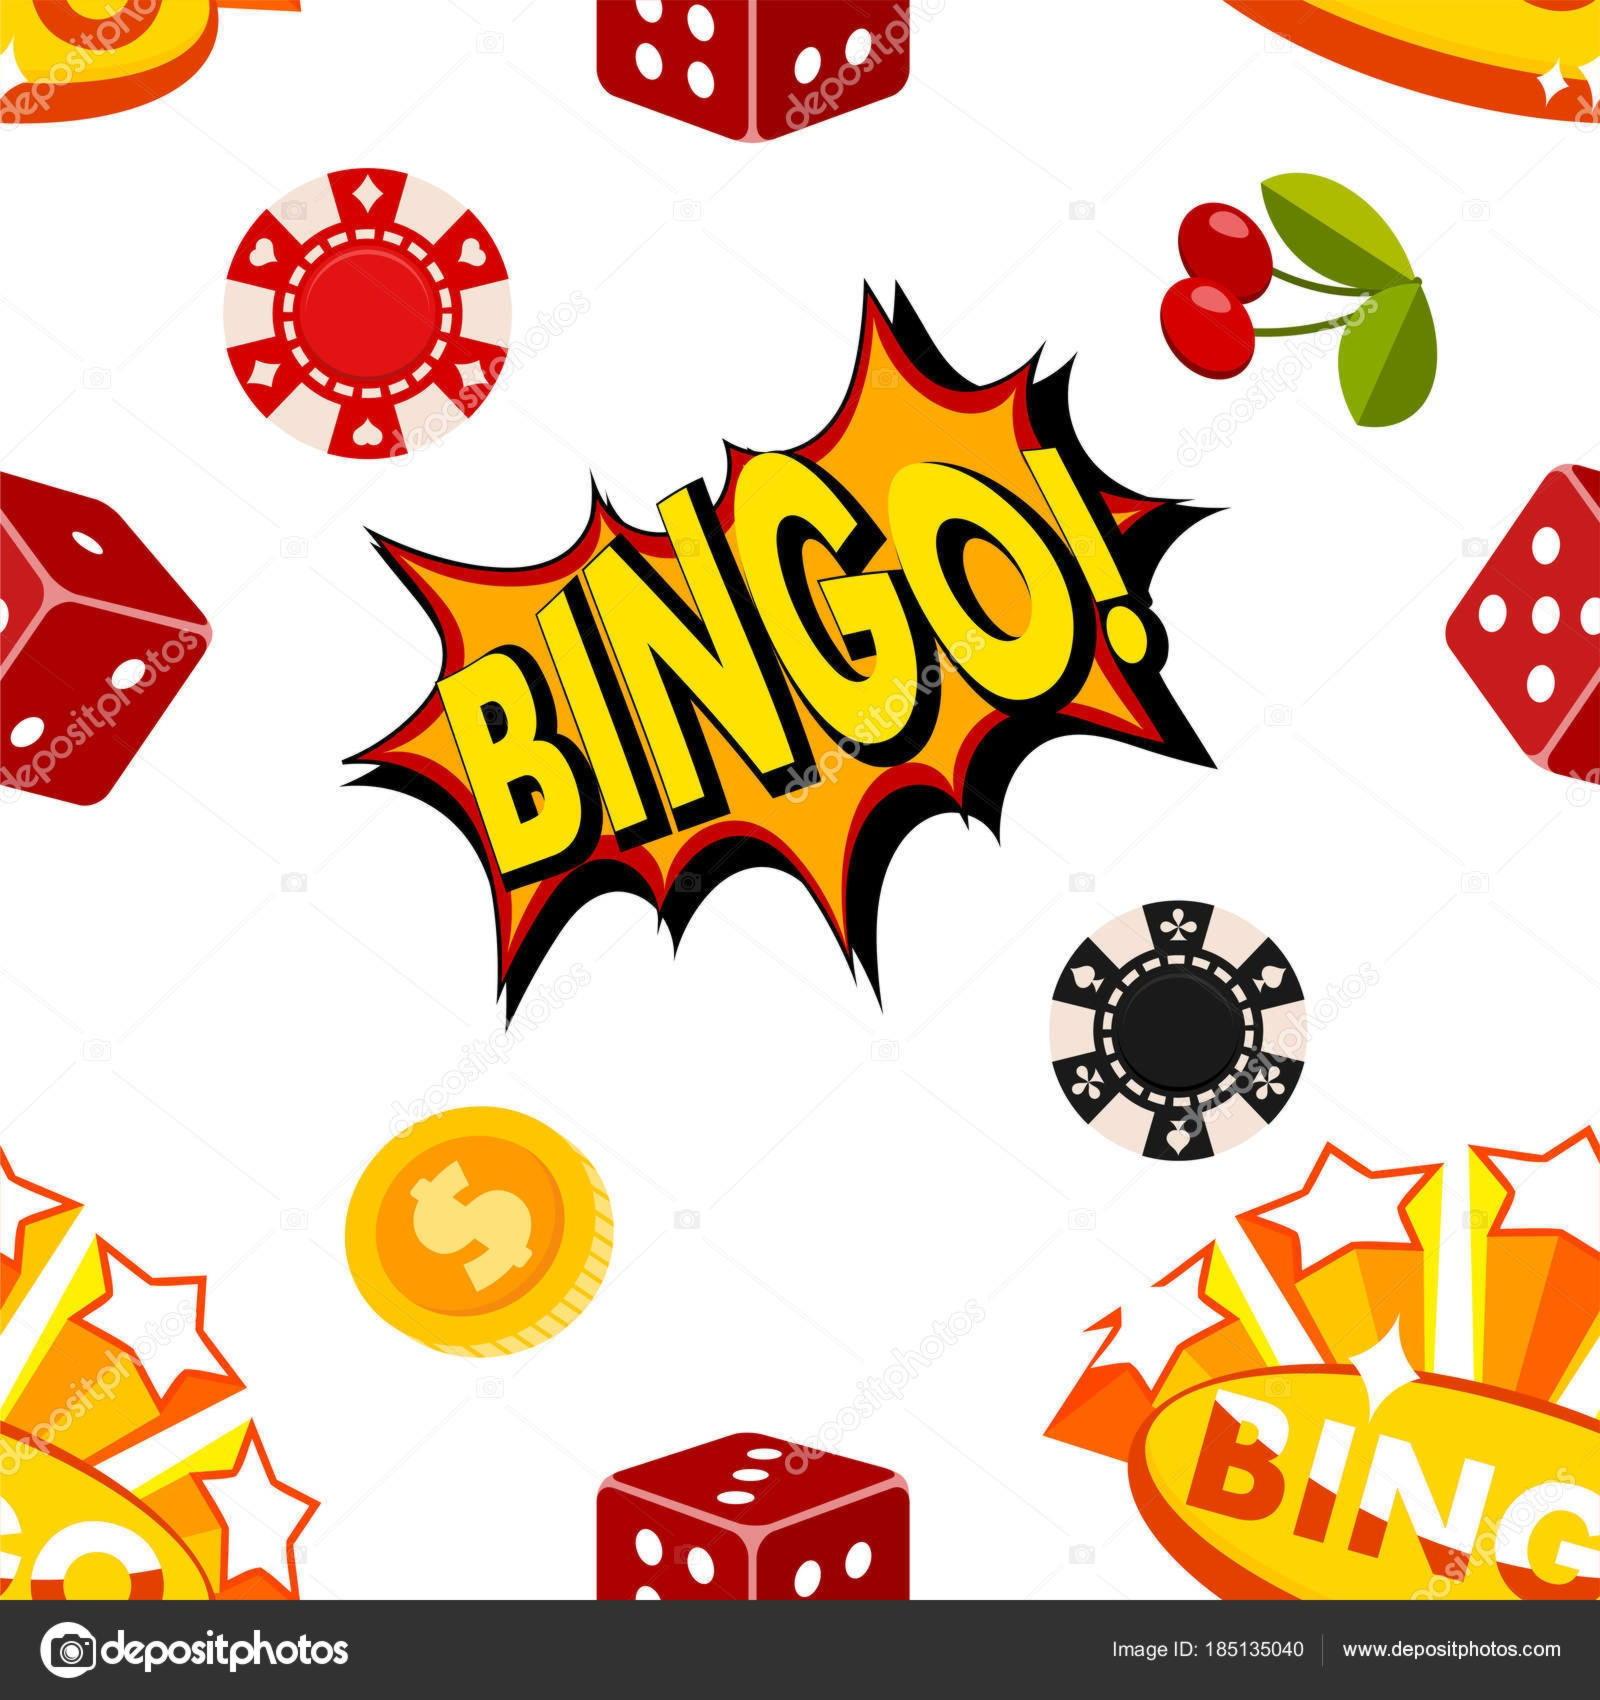 € 66 Gratis Casino Billett på AfriCasino